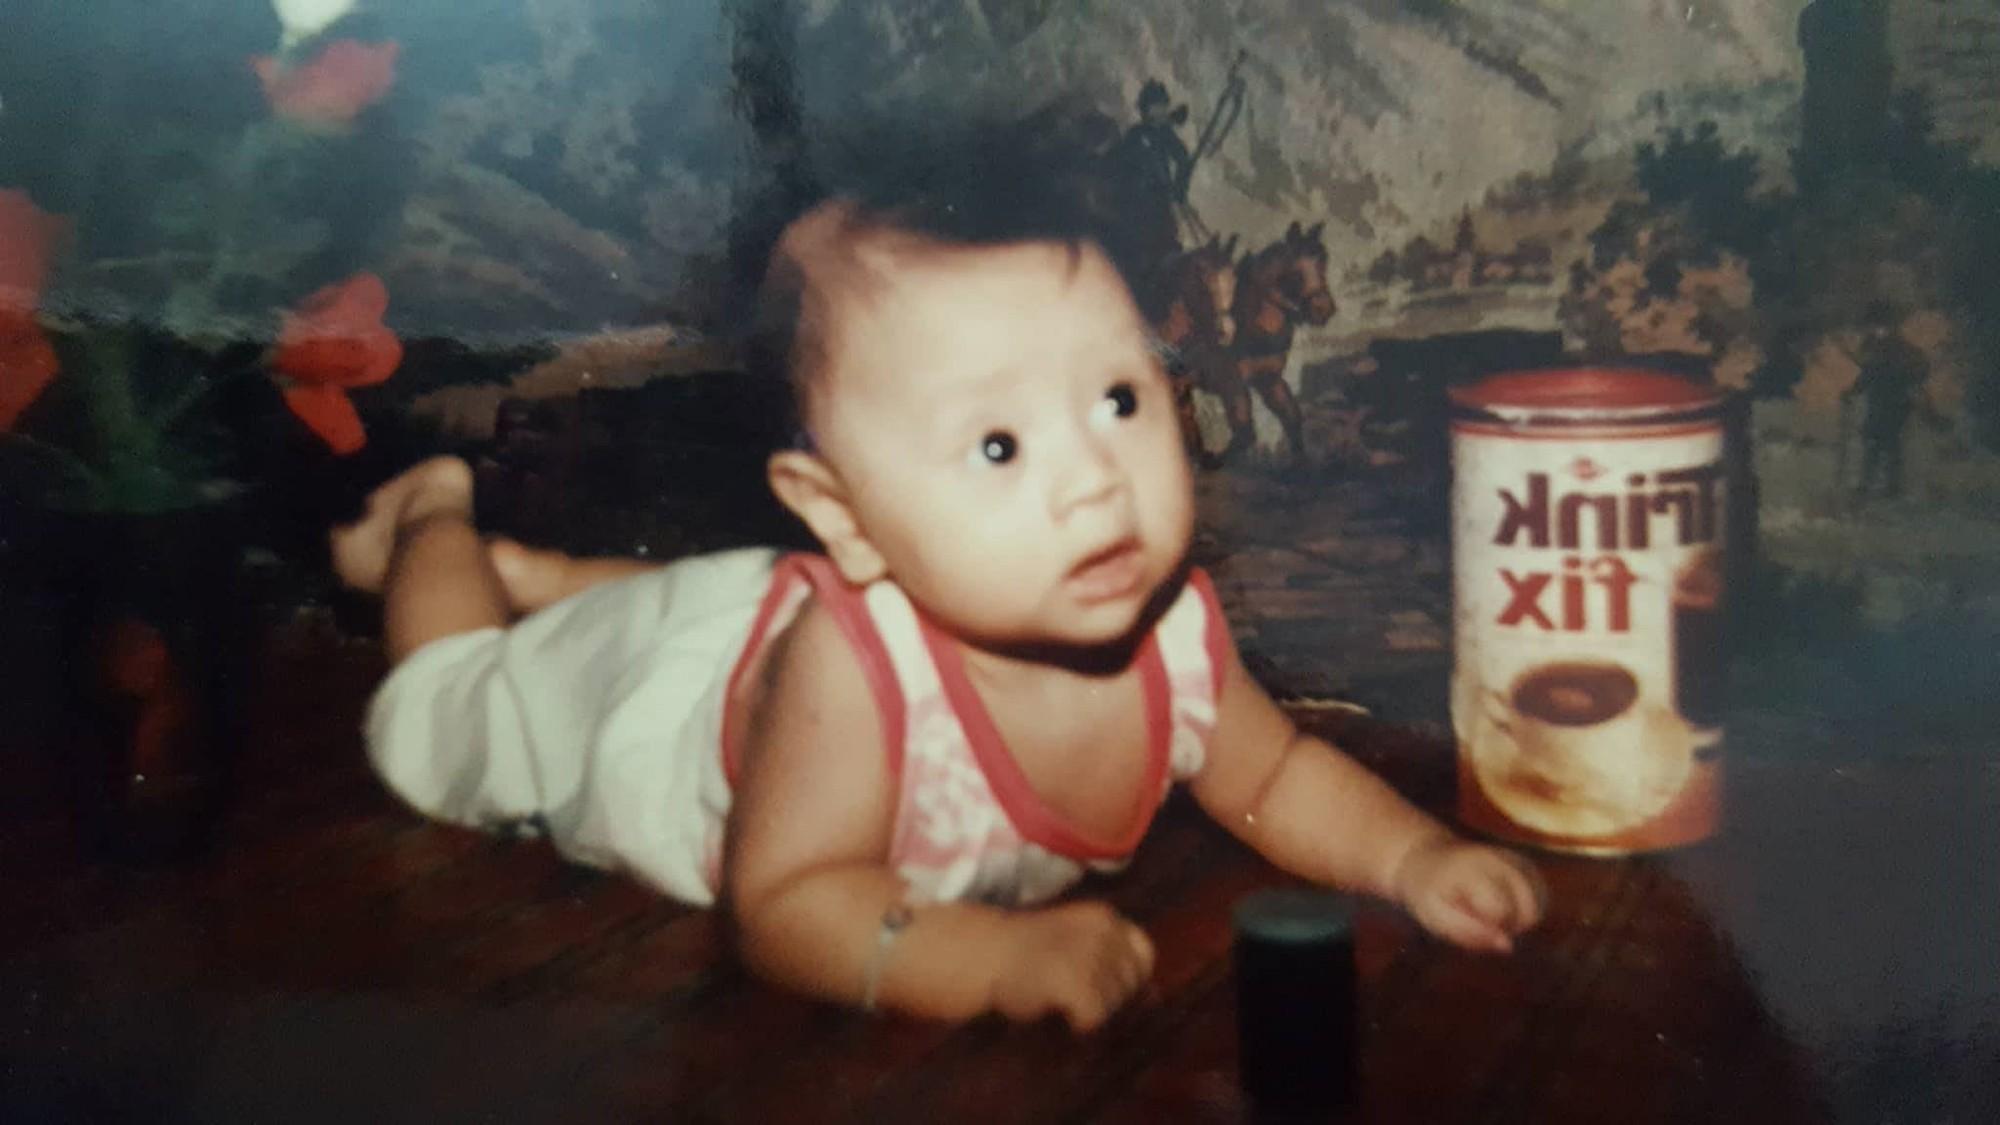 Còn nghi ngờ gì nữa, đây là tuổi thơ dữ dội mà các hot boy Việt chỉ muốn giữ cho riêng mình! - Ảnh 19.